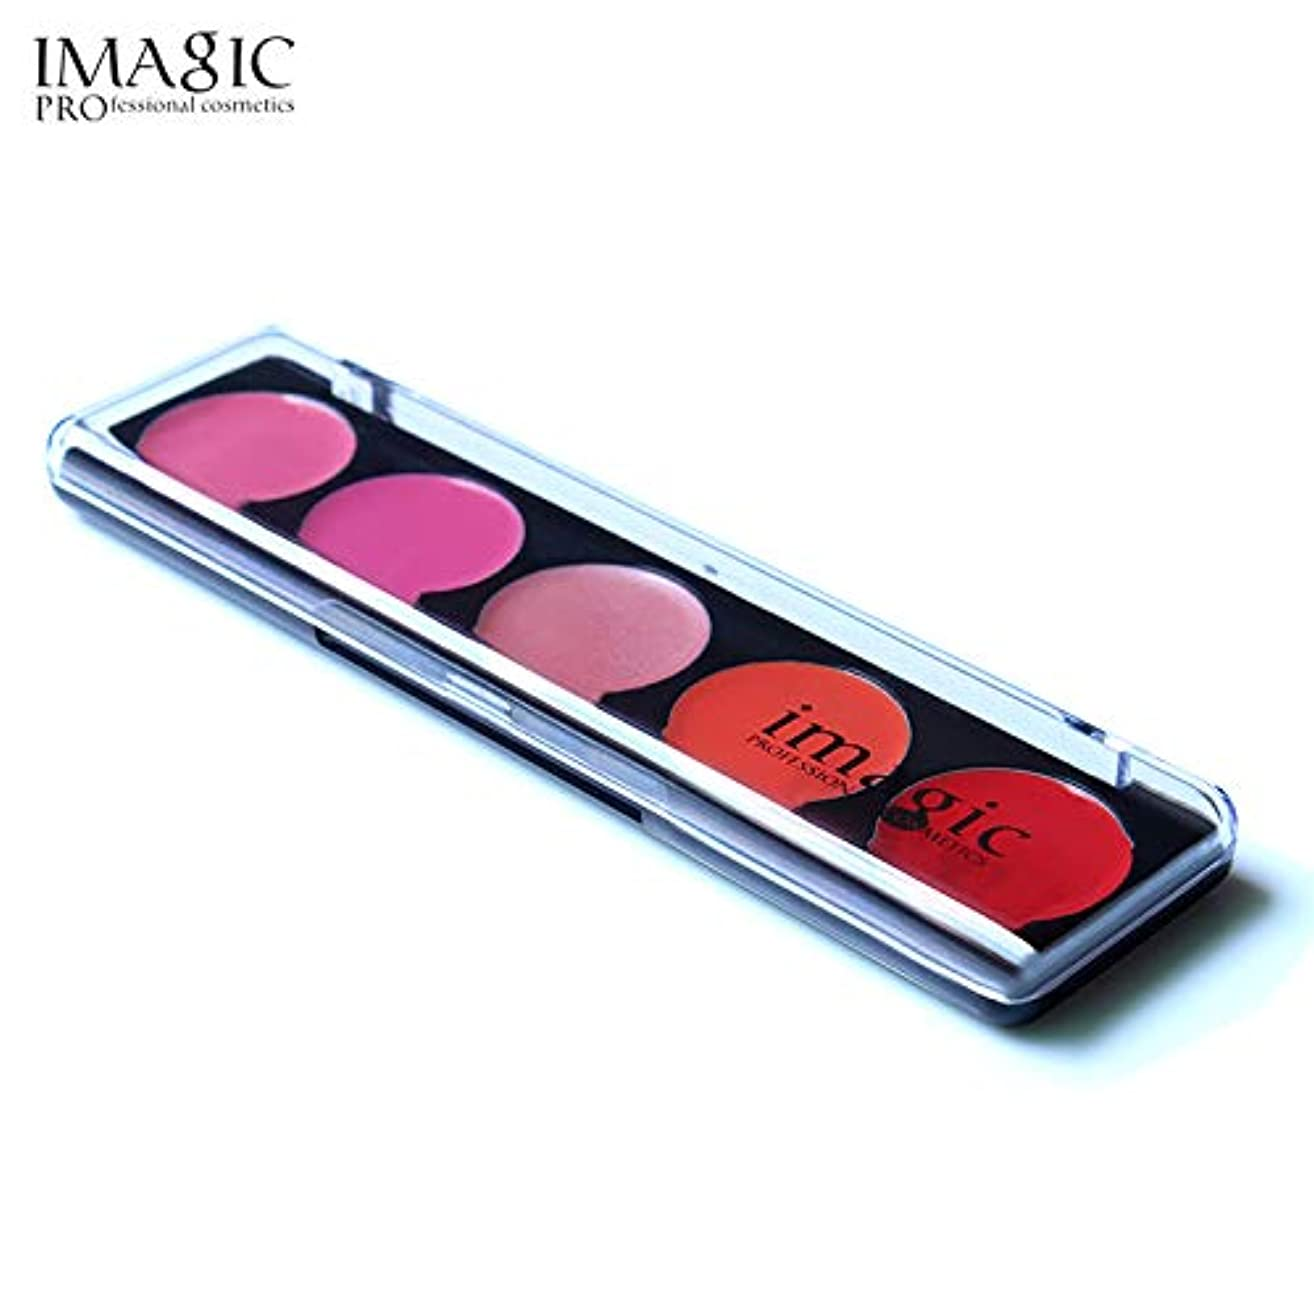 ダイエット授業料口述する注12ピース/ロットイメージリップスティックモイスチャライザー唇滑らかなリップスティック長続きがする魅力的なリップリップスティック化粧品美容メイクセクシーカラー